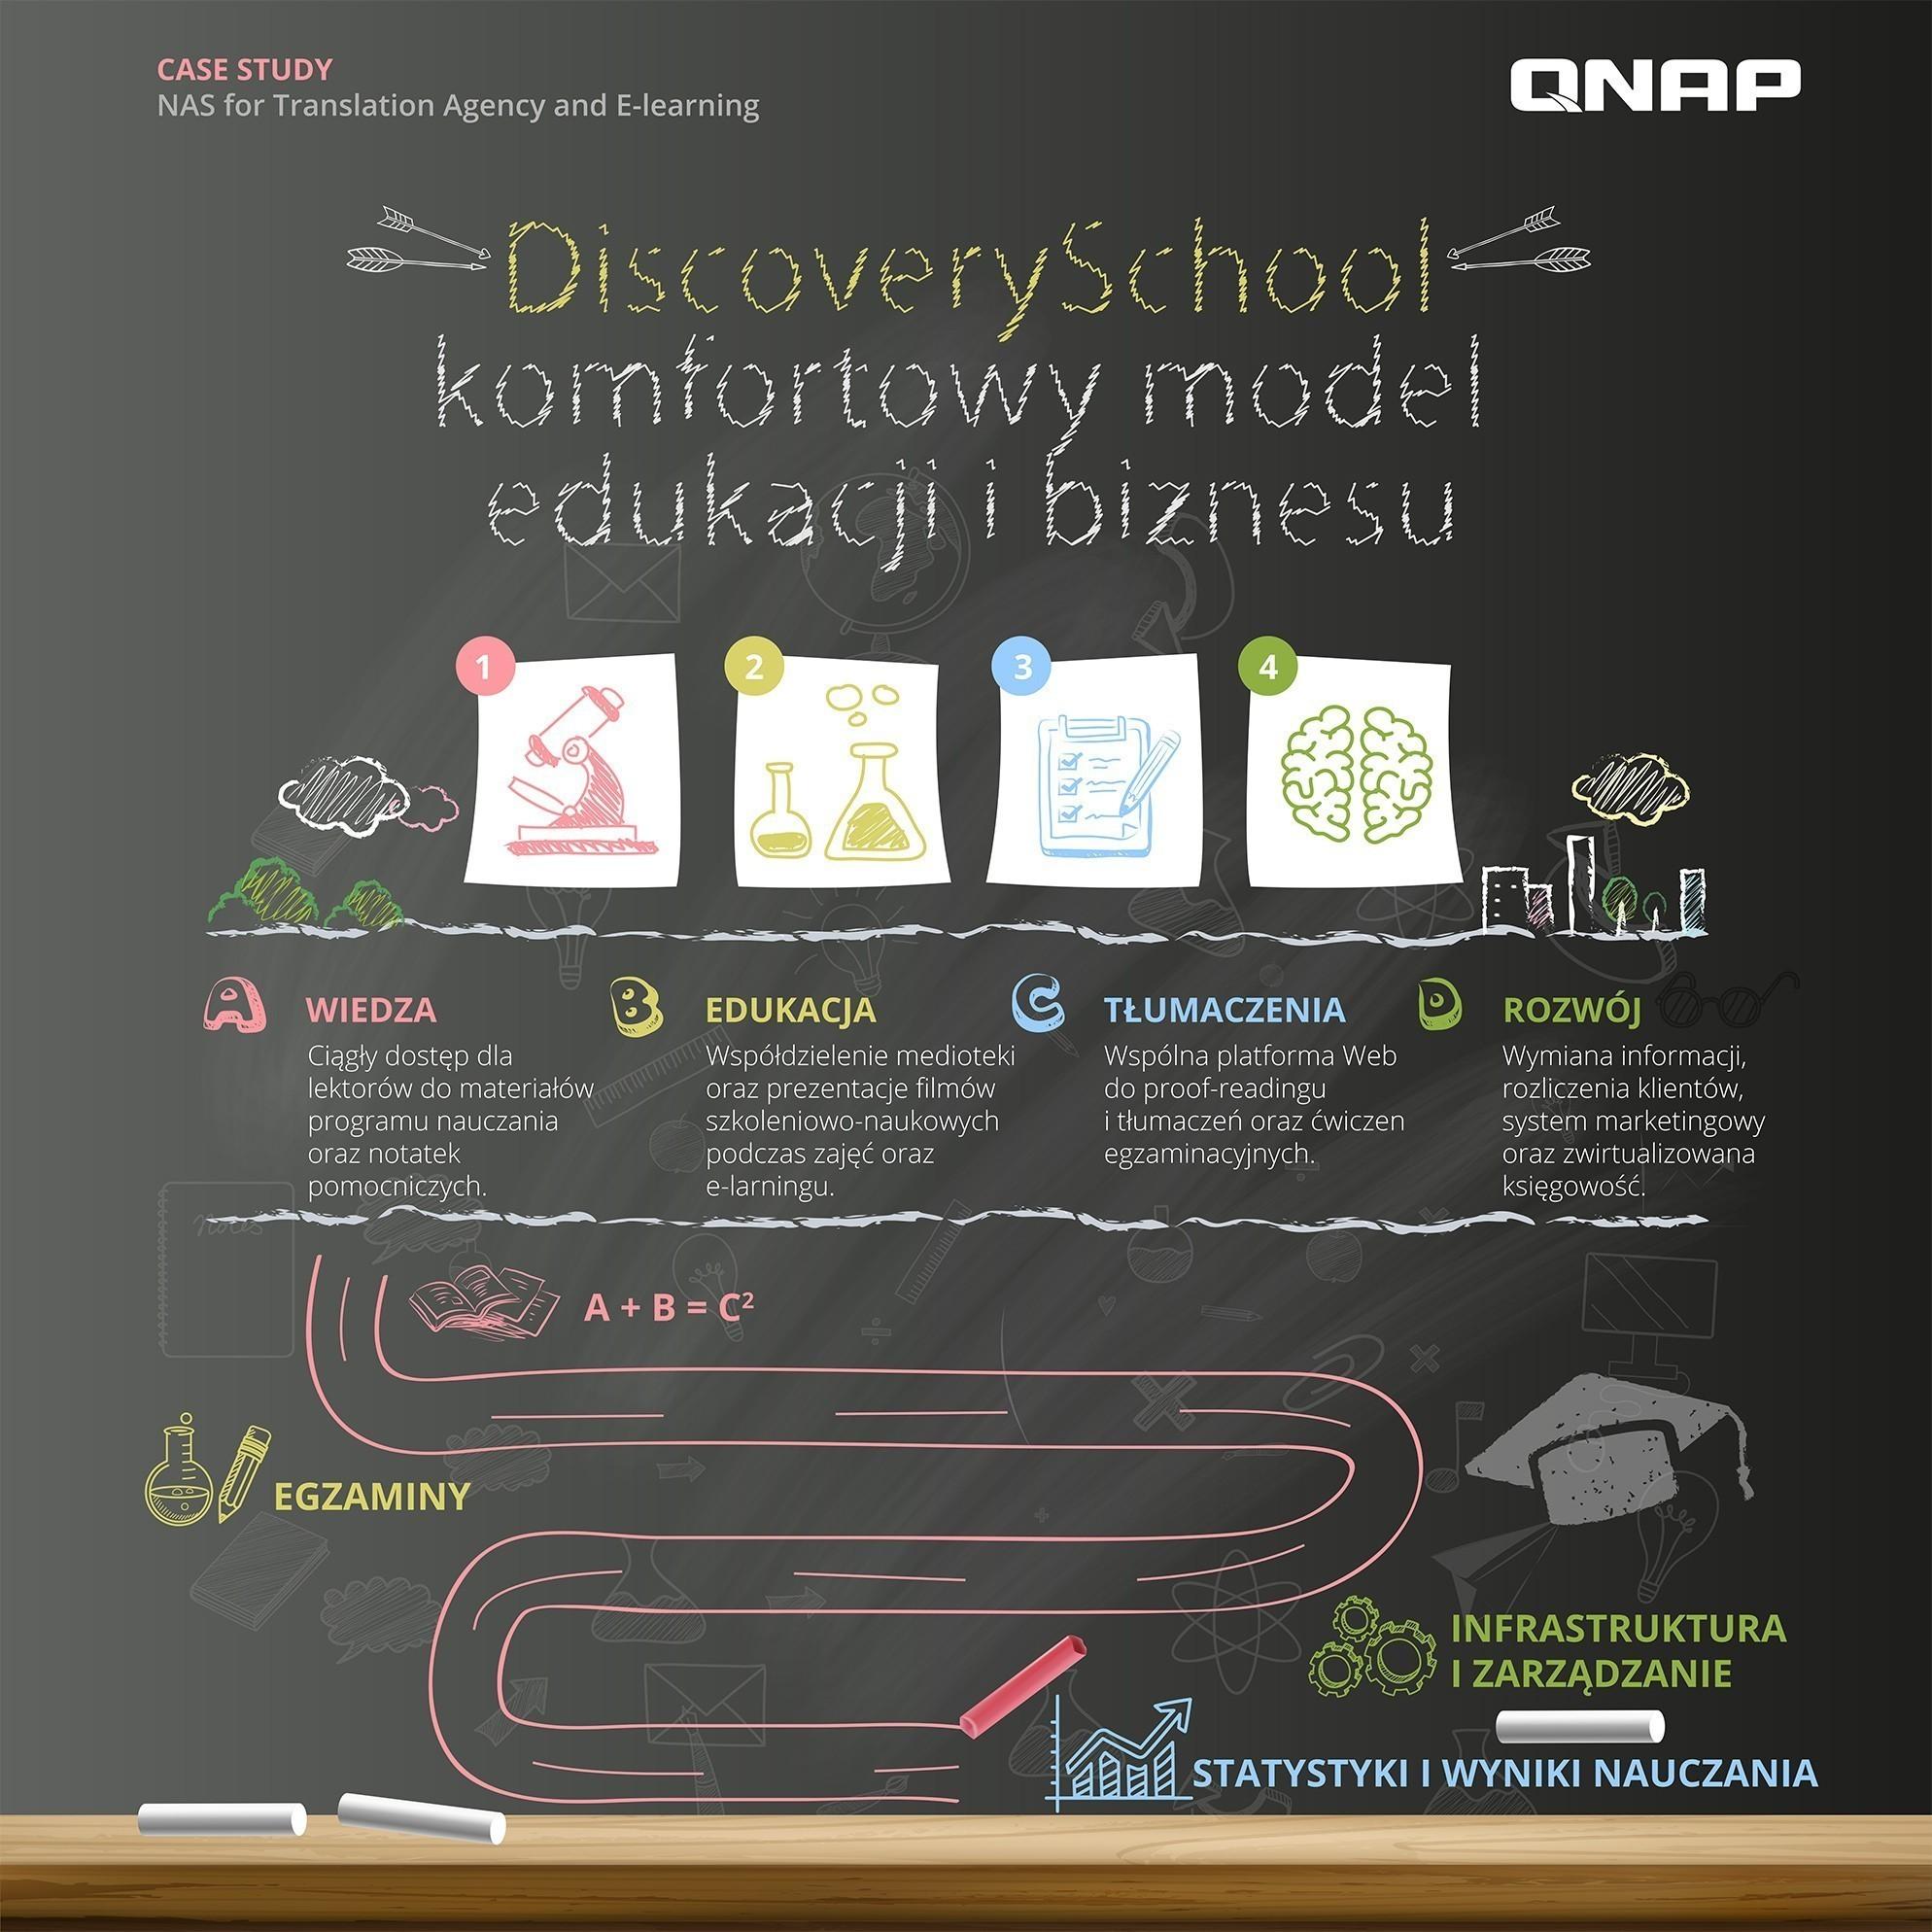 Discovery-School---Komfortowy-Model-Edukacji-i-Biznesu.